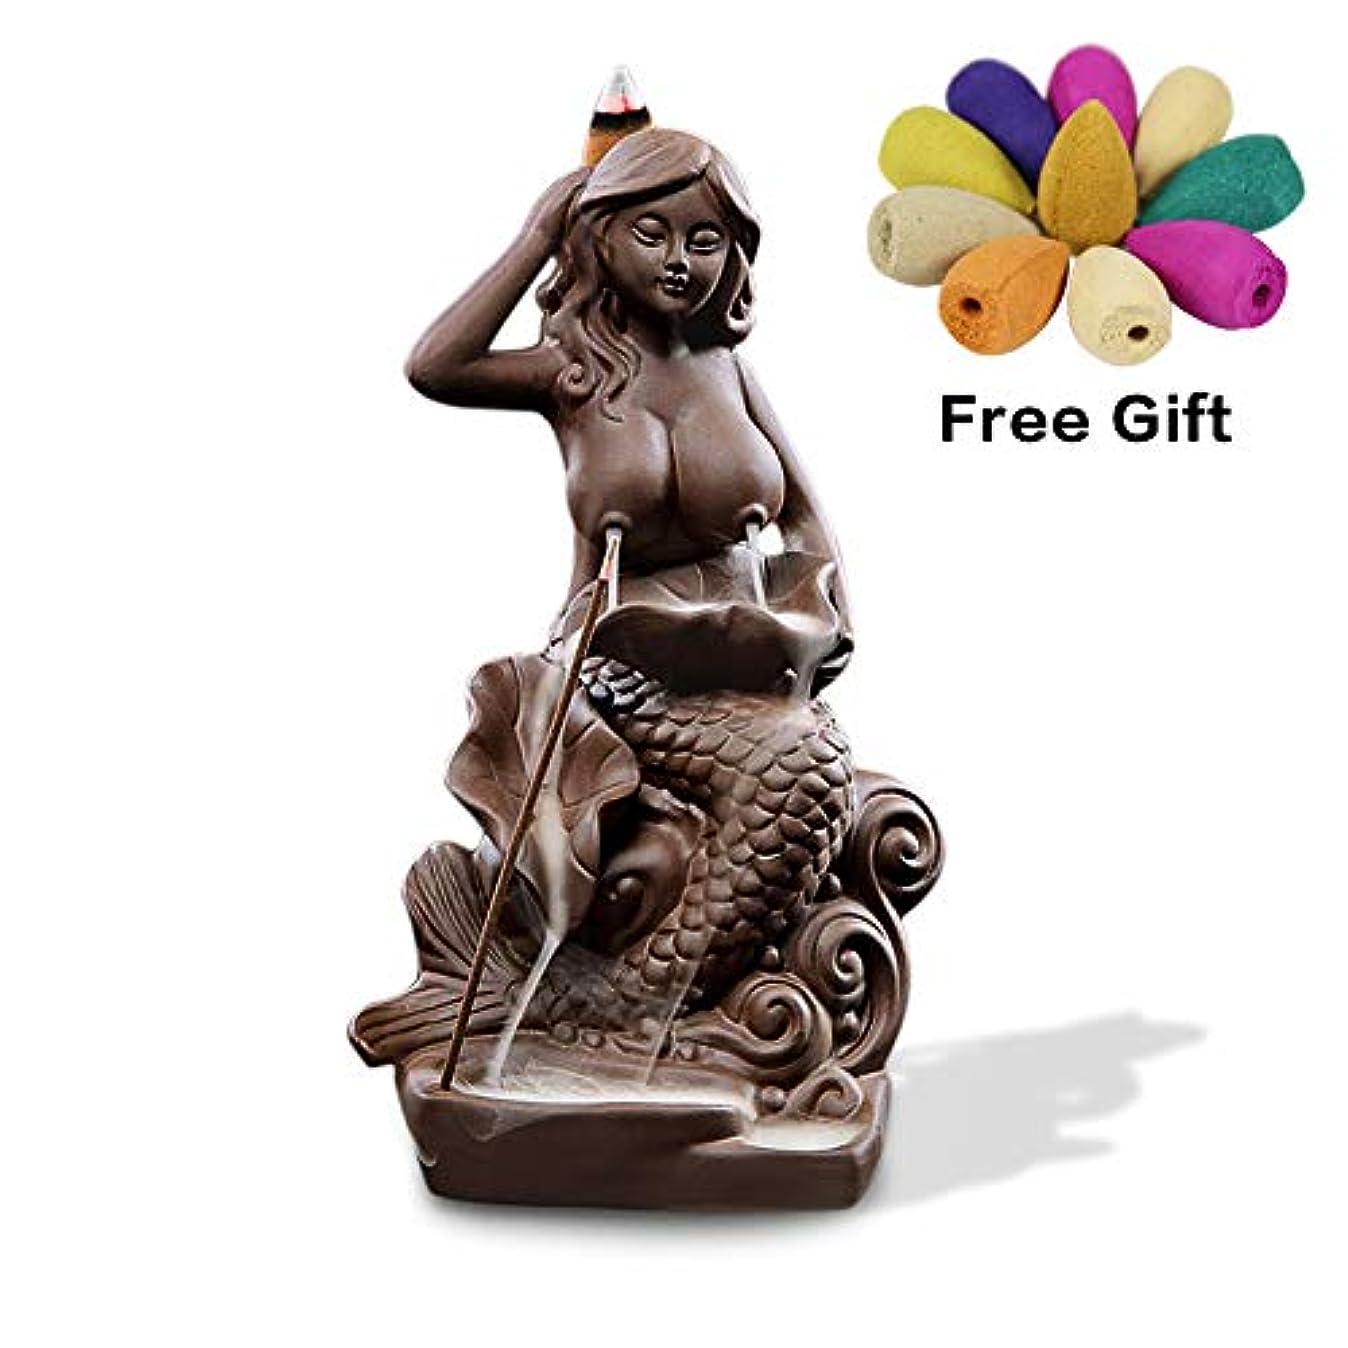 瞑想軍団なめらかな(Style9) - OTOFY Mermaid Ceramic Incense Holder Backflow Incense Burner with 10 Incense Cones Artwork Home Decor...